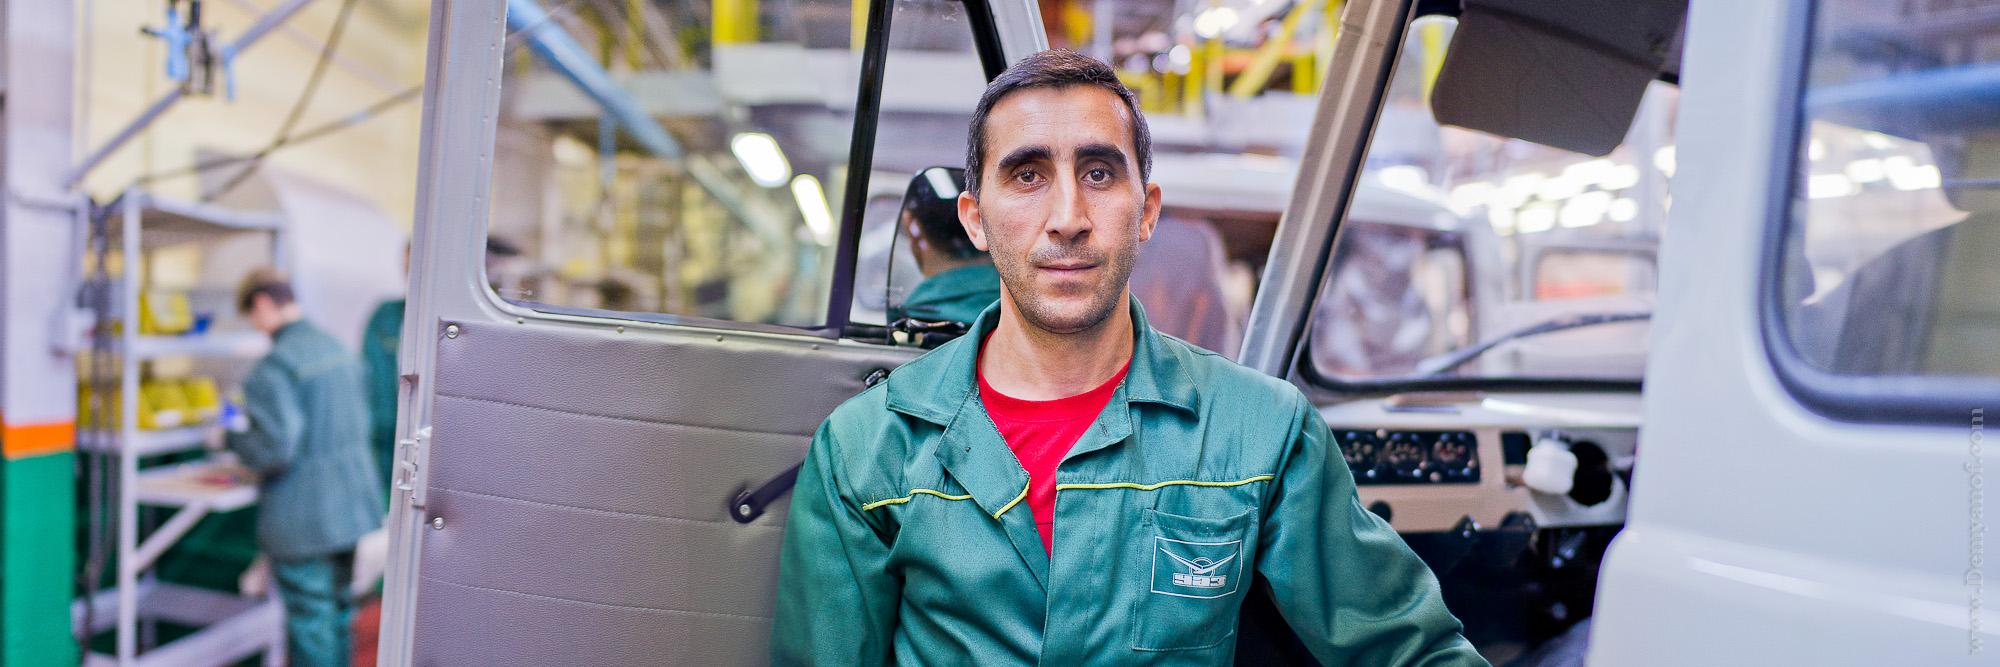 Портрет рабочего